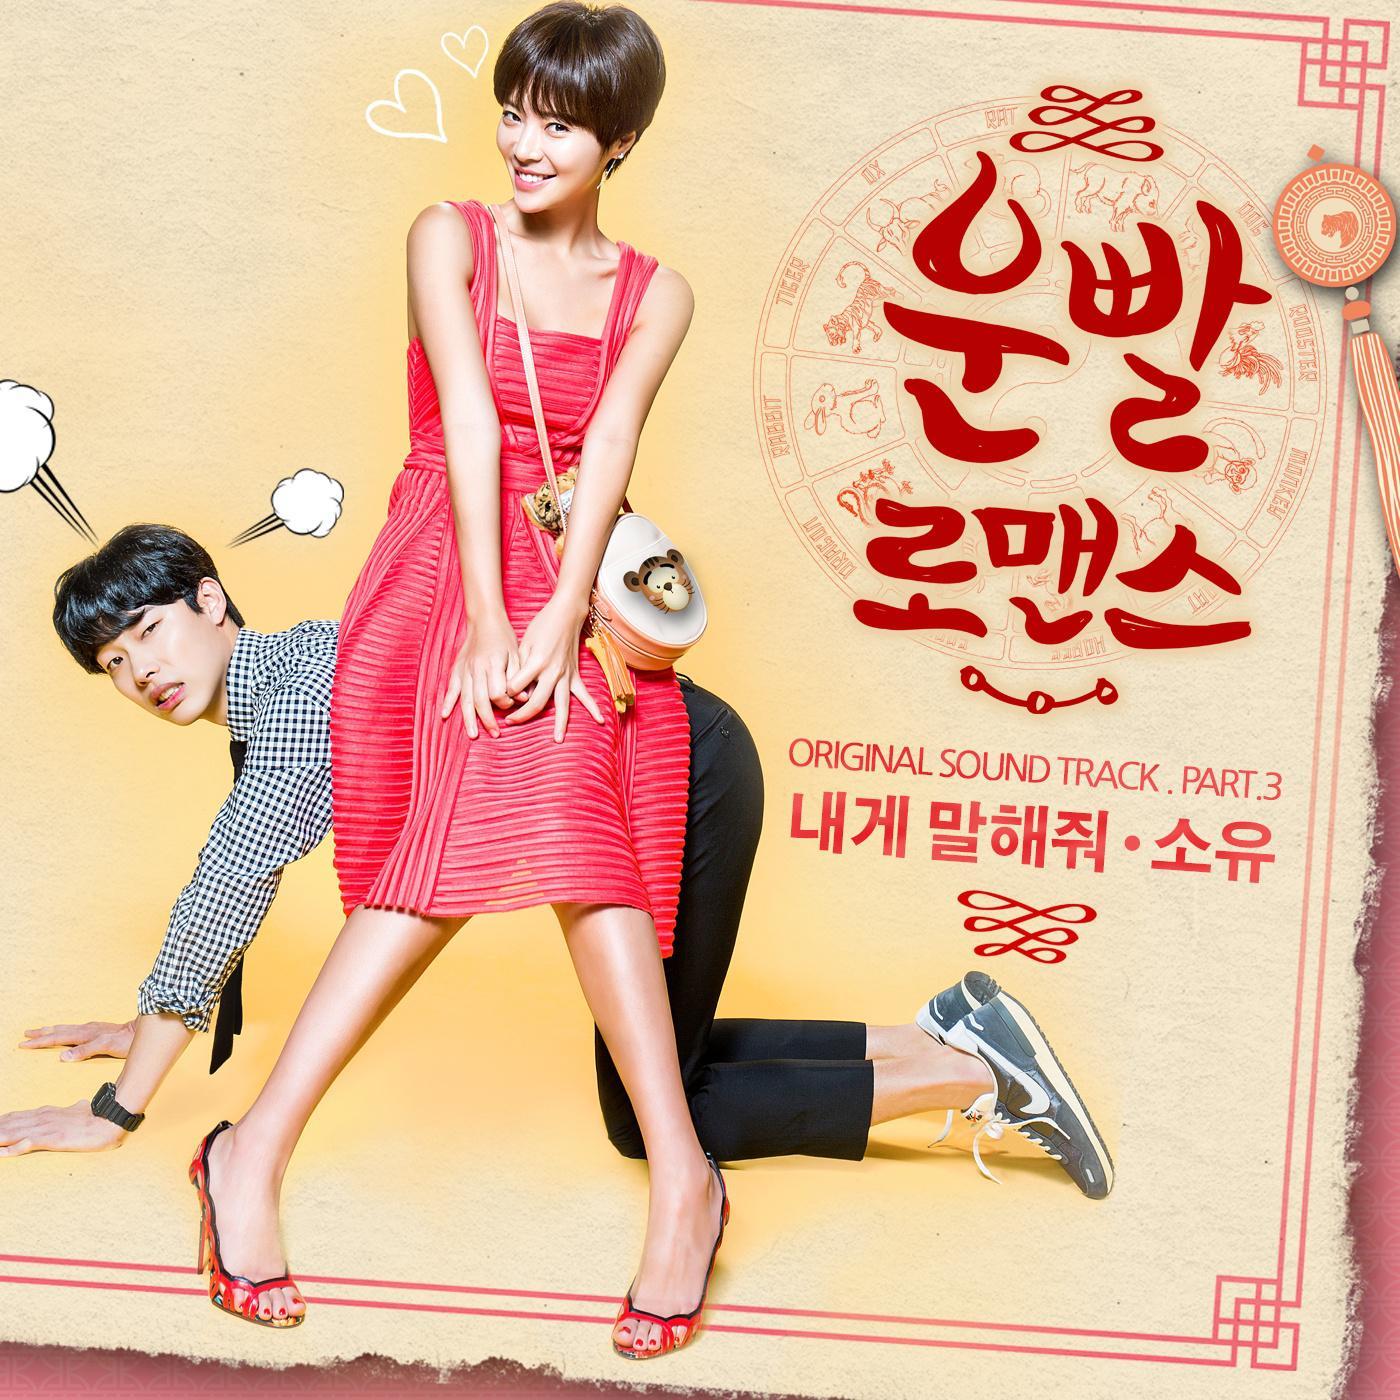 昭宥 - 告诉我吧(好运罗曼史 OST Part.3)